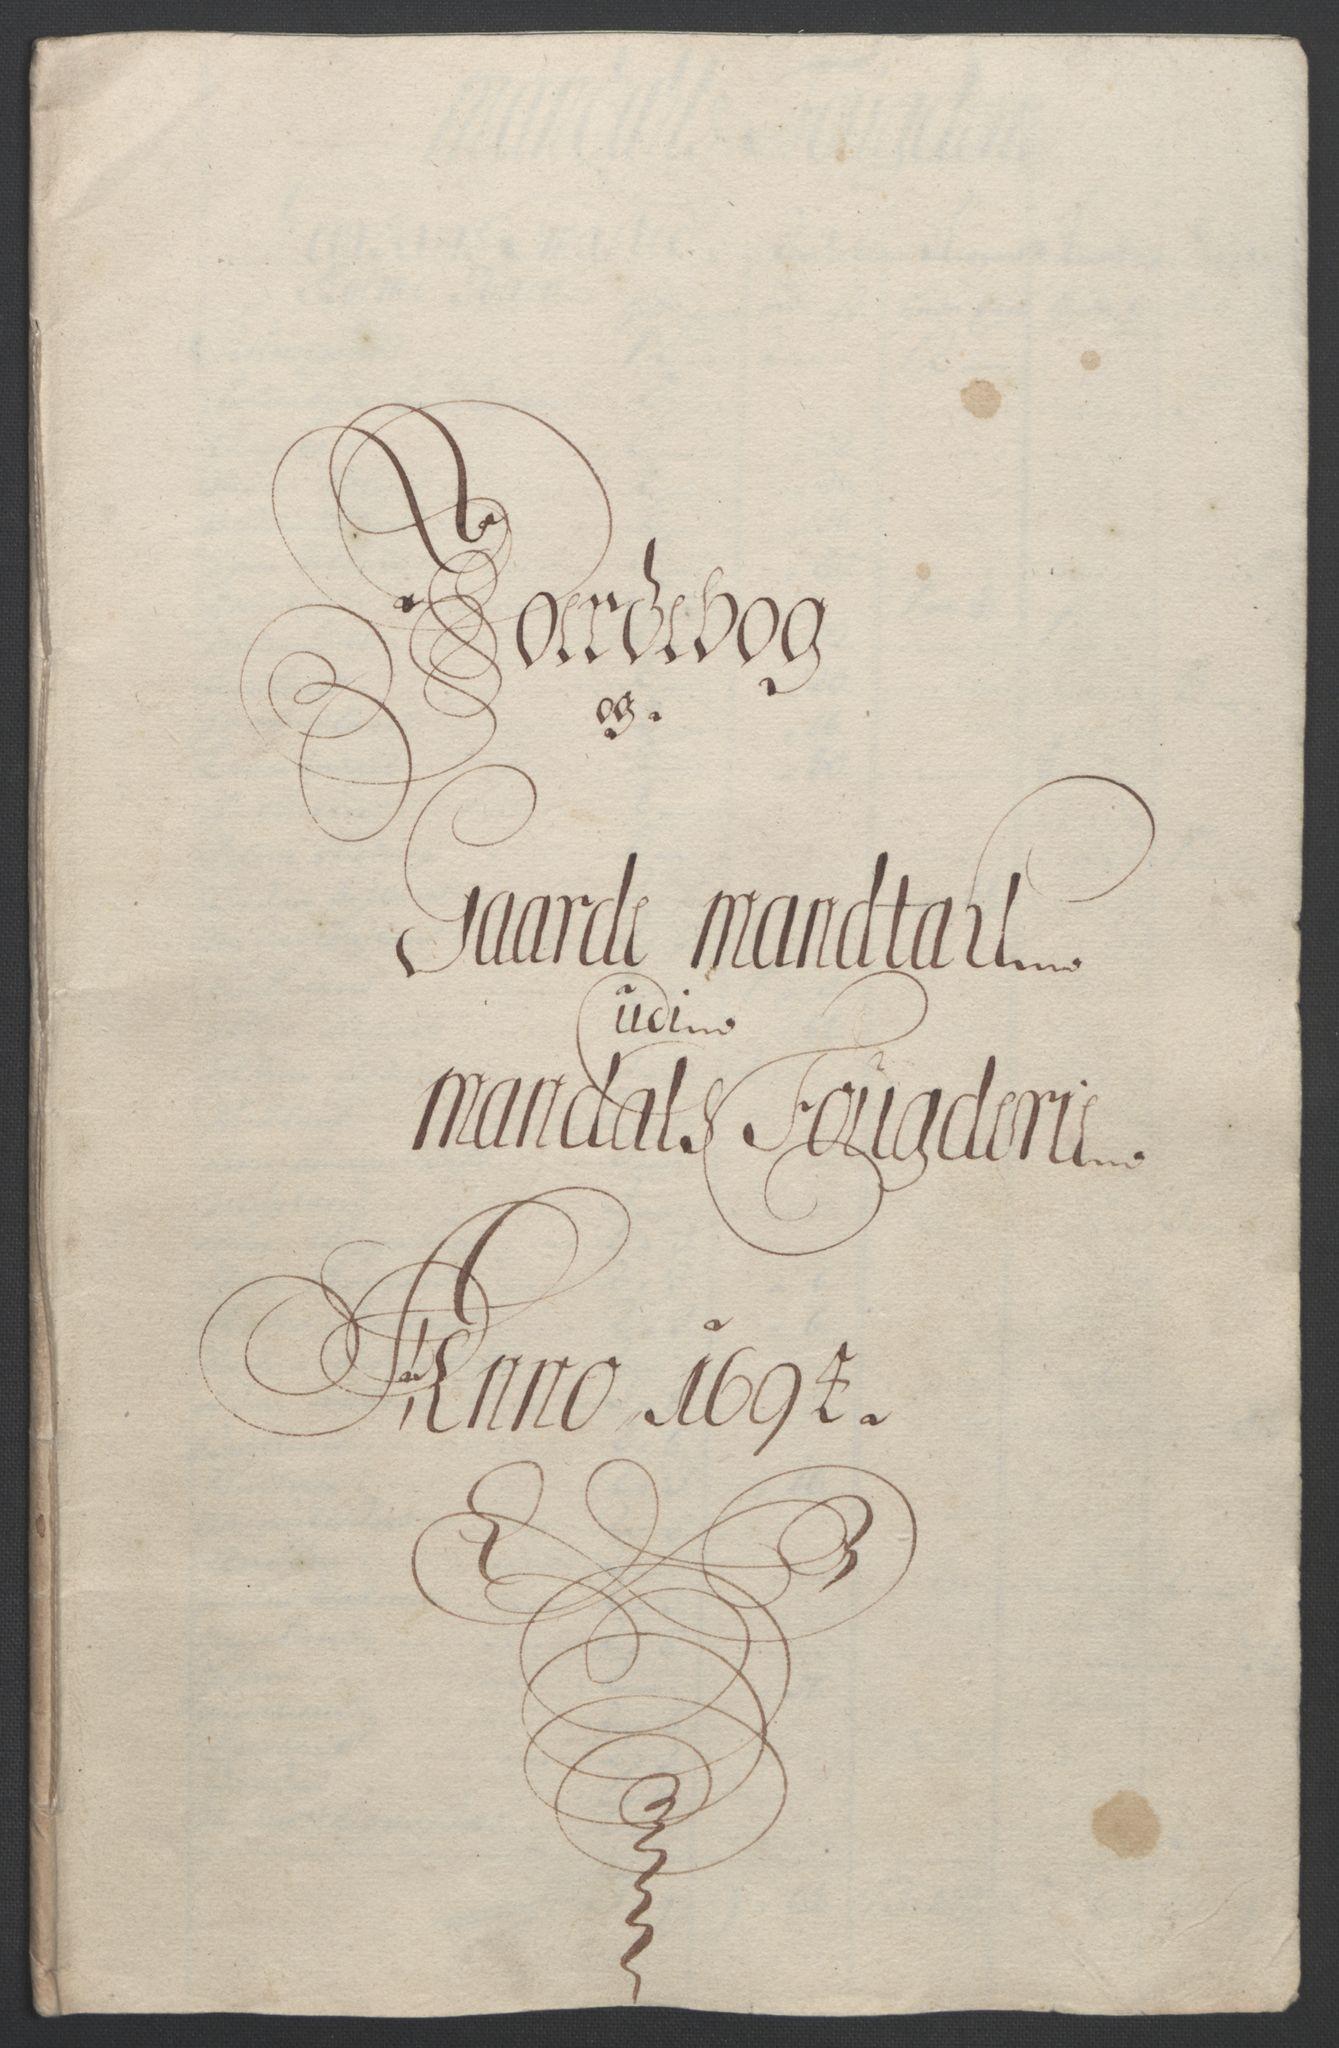 RA, Rentekammeret inntil 1814, Reviderte regnskaper, Fogderegnskap, R43/L2545: Fogderegnskap Lista og Mandal, 1694-1695, s. 79